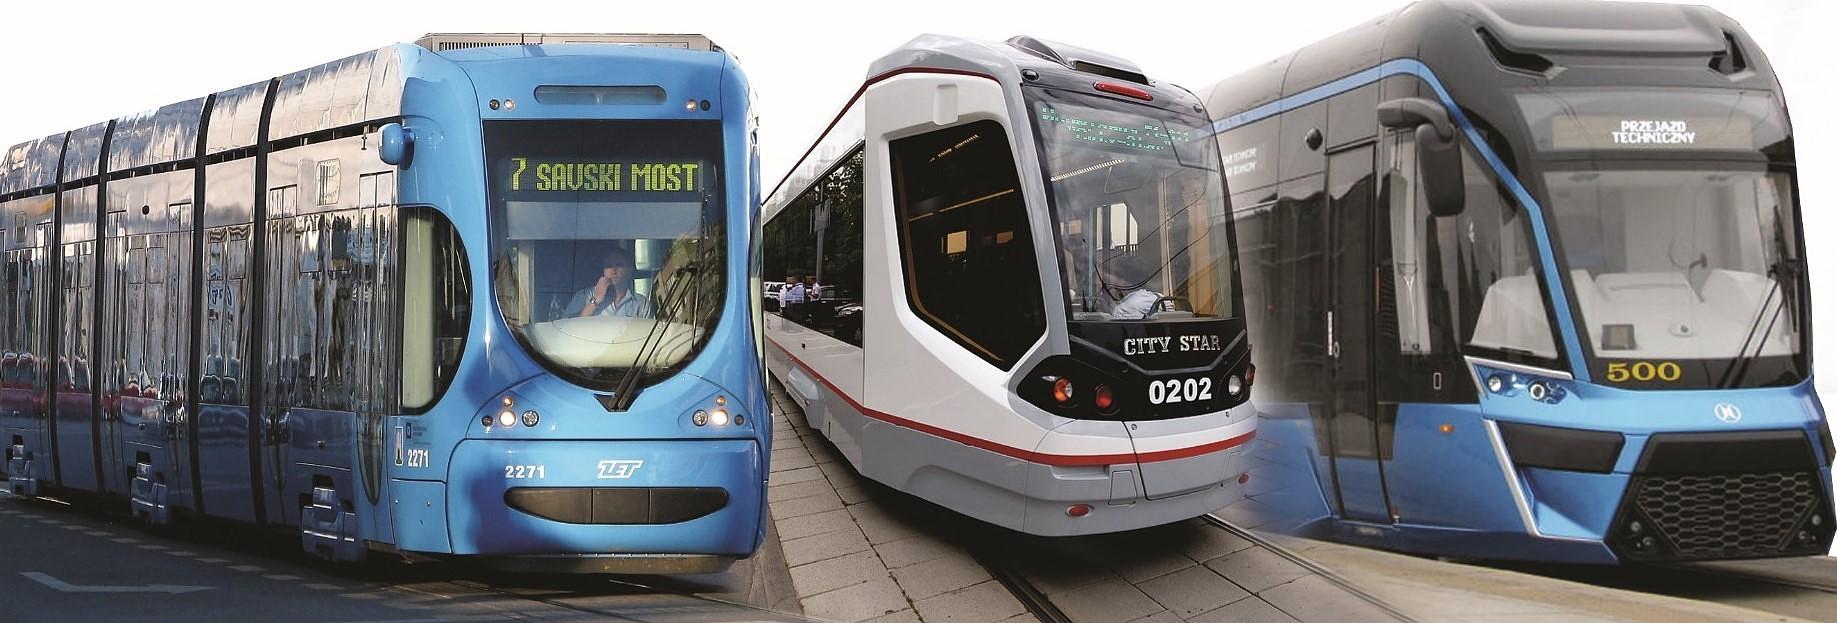 Хорваты обещают более дешевый трамвай, чем поляки